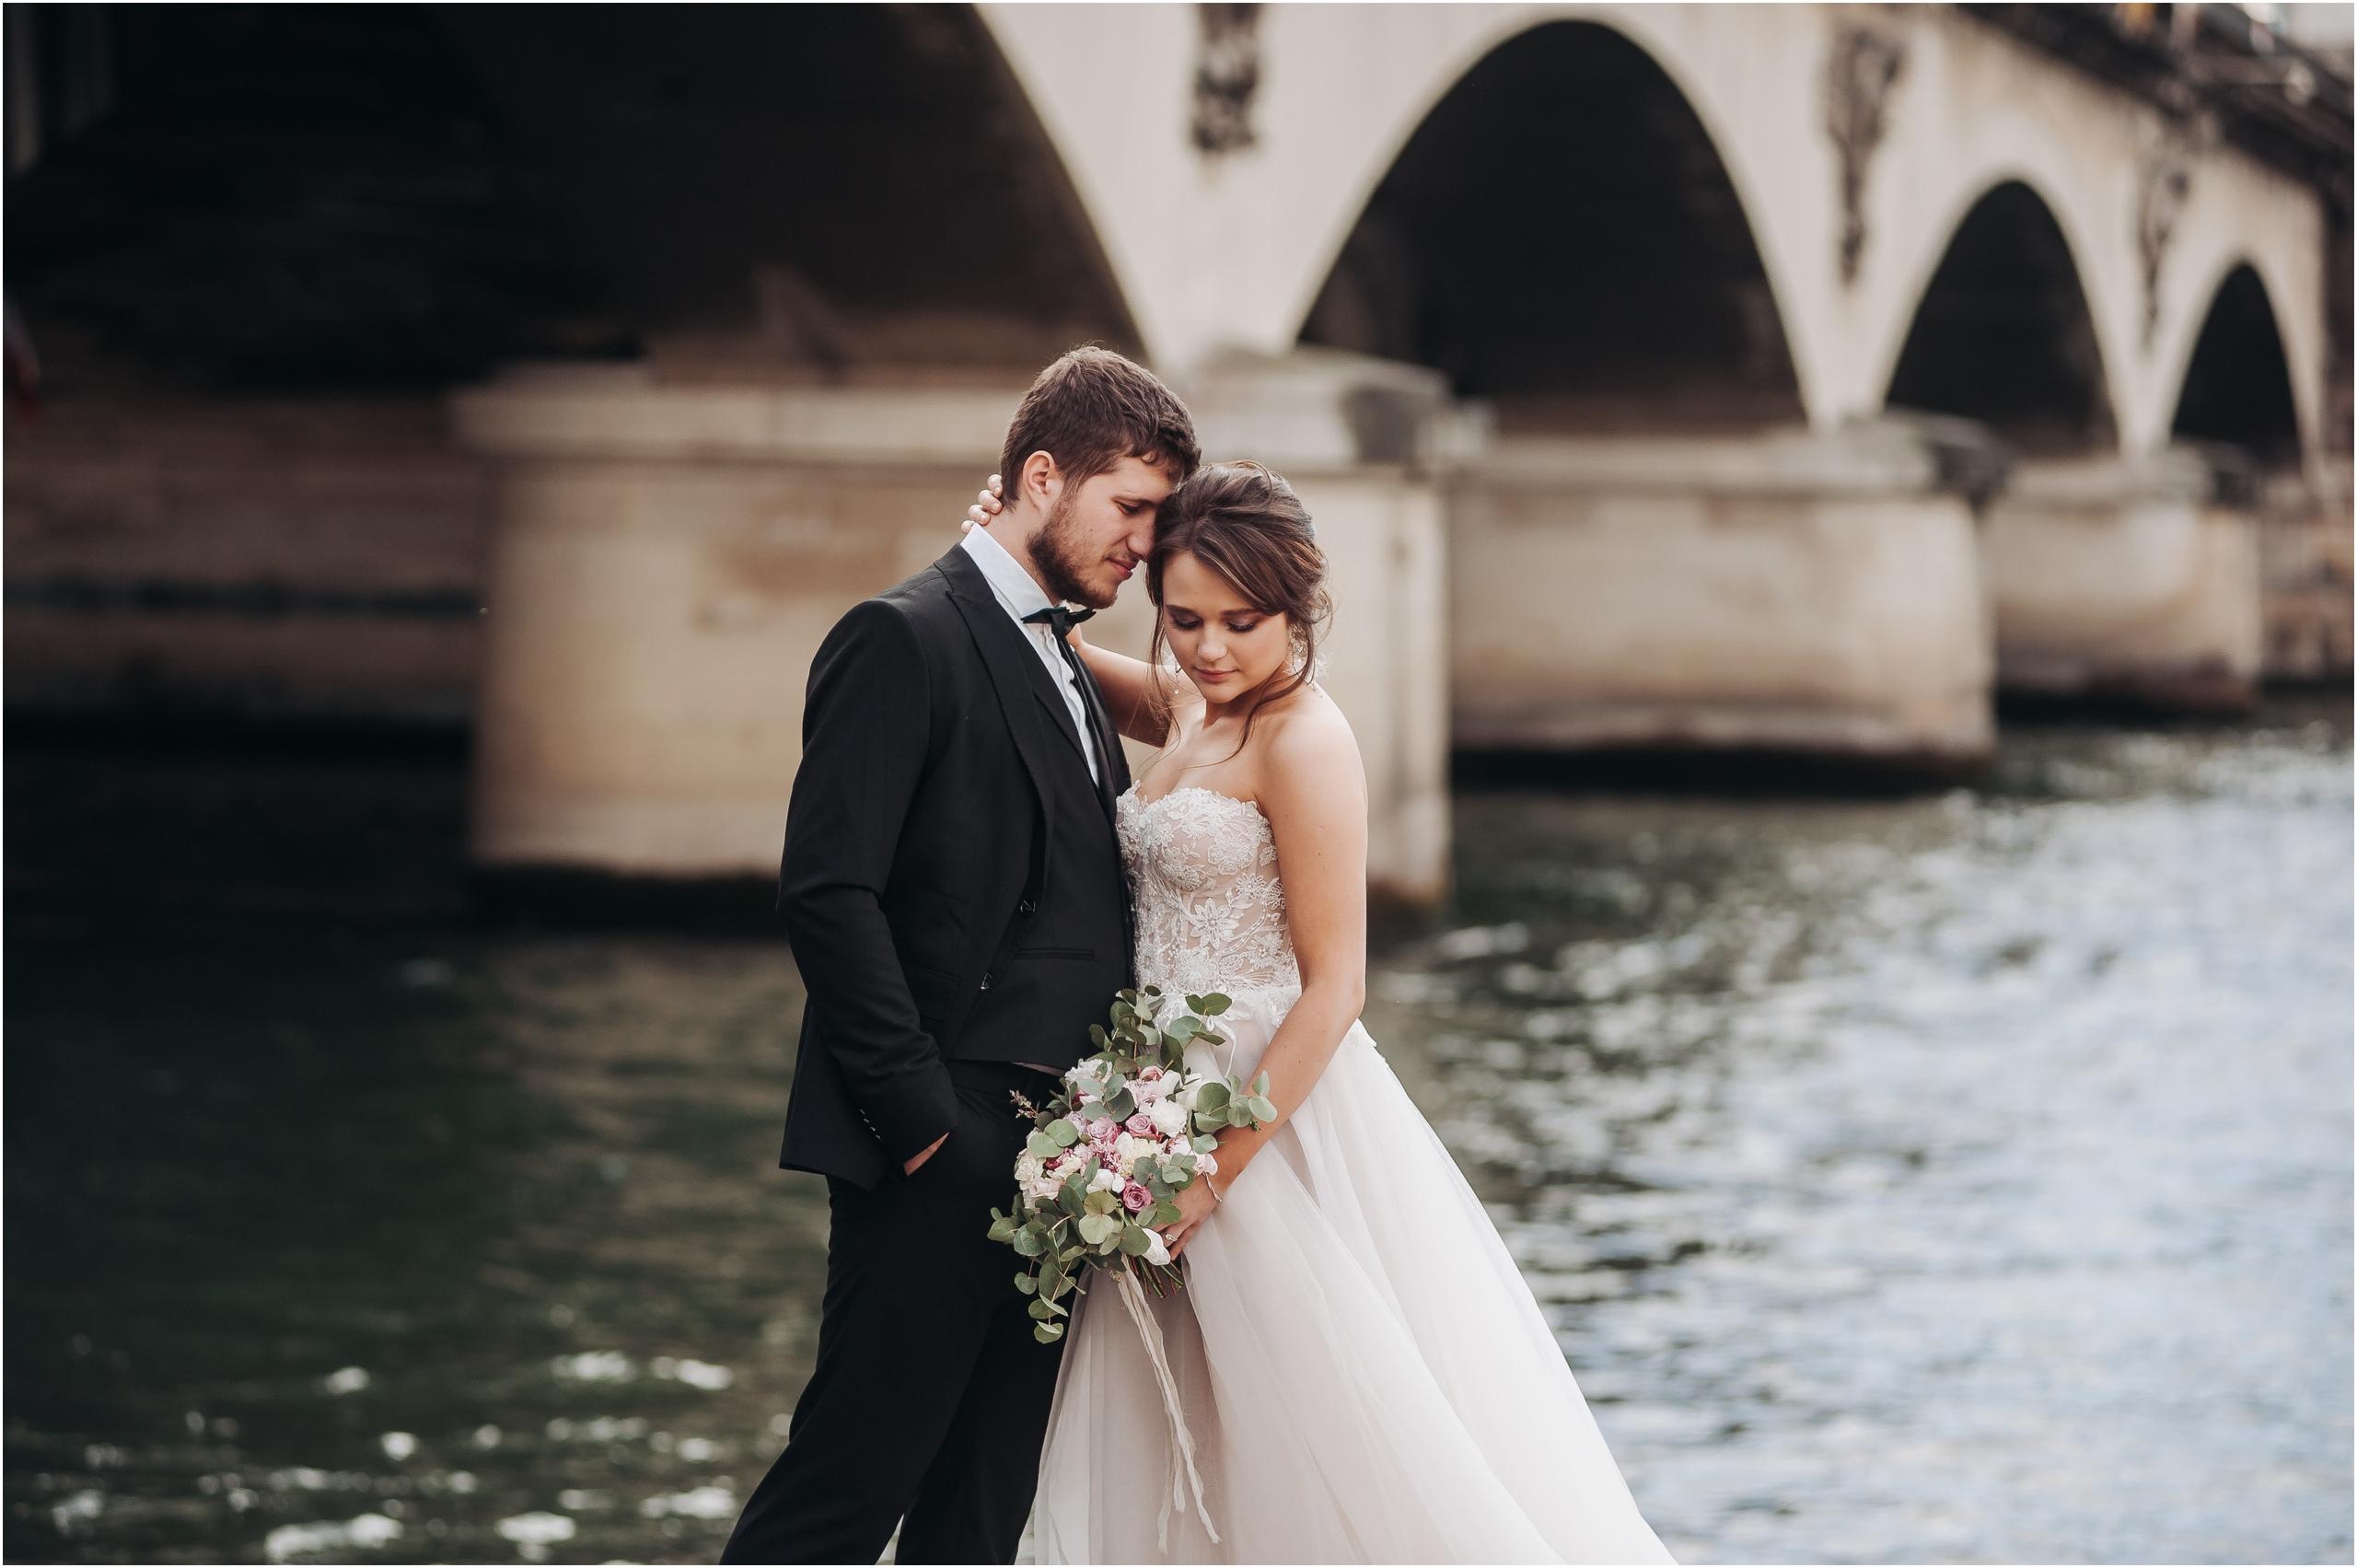 называемый богатый цвет обработки свадебных фото расположен